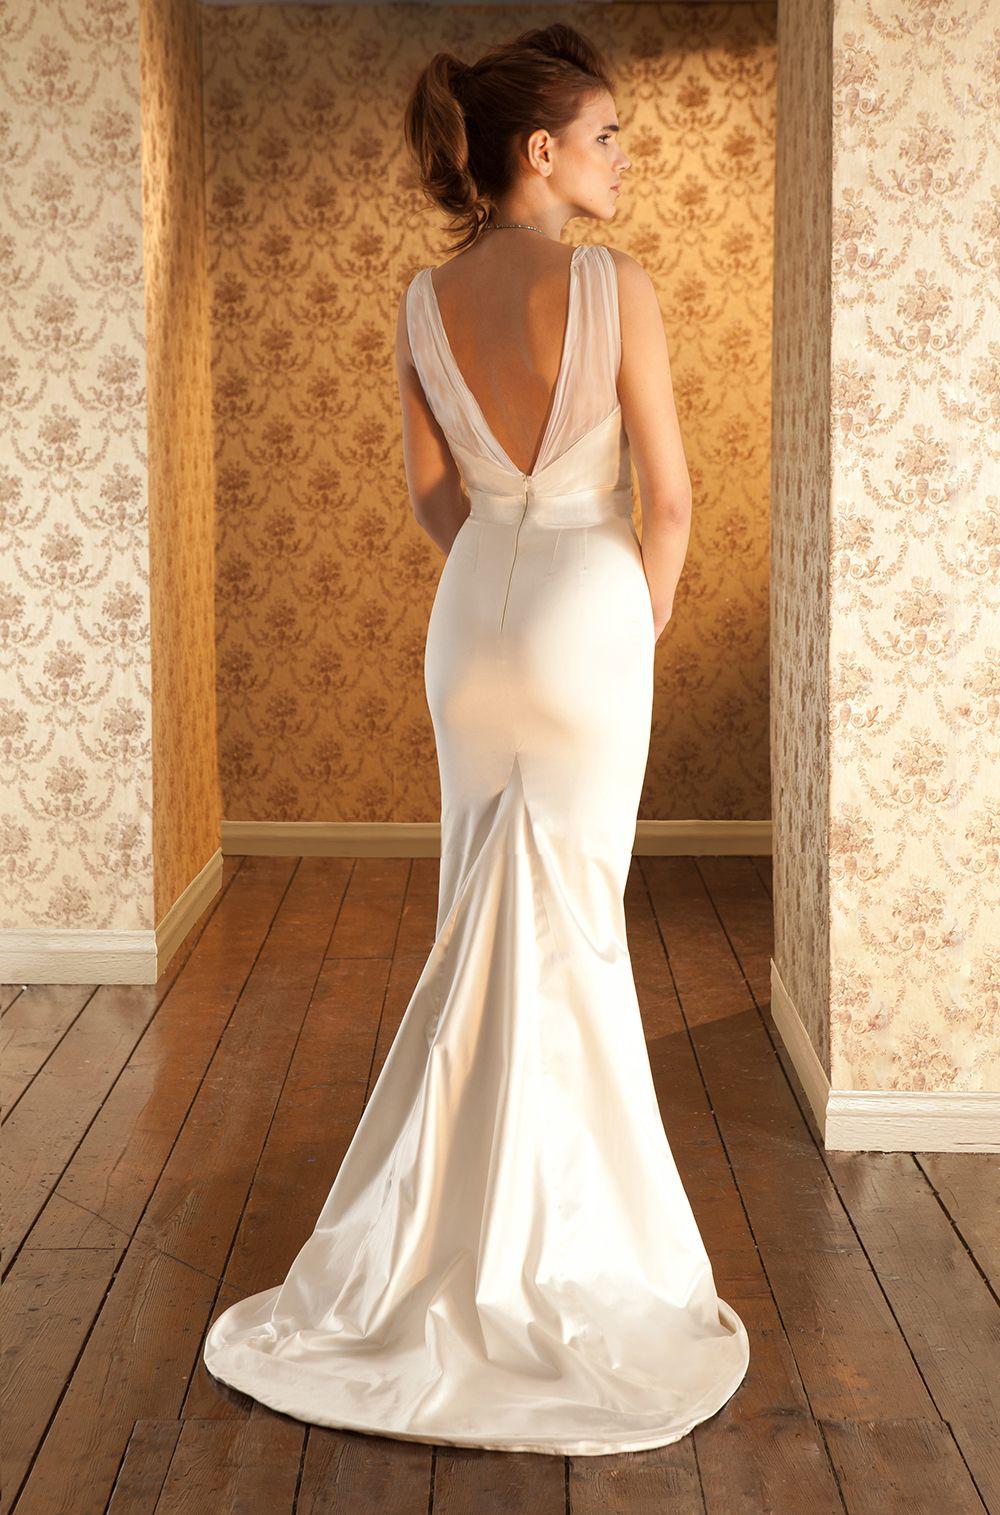 Pin by Harlan on Wedding Elegant wedding dress